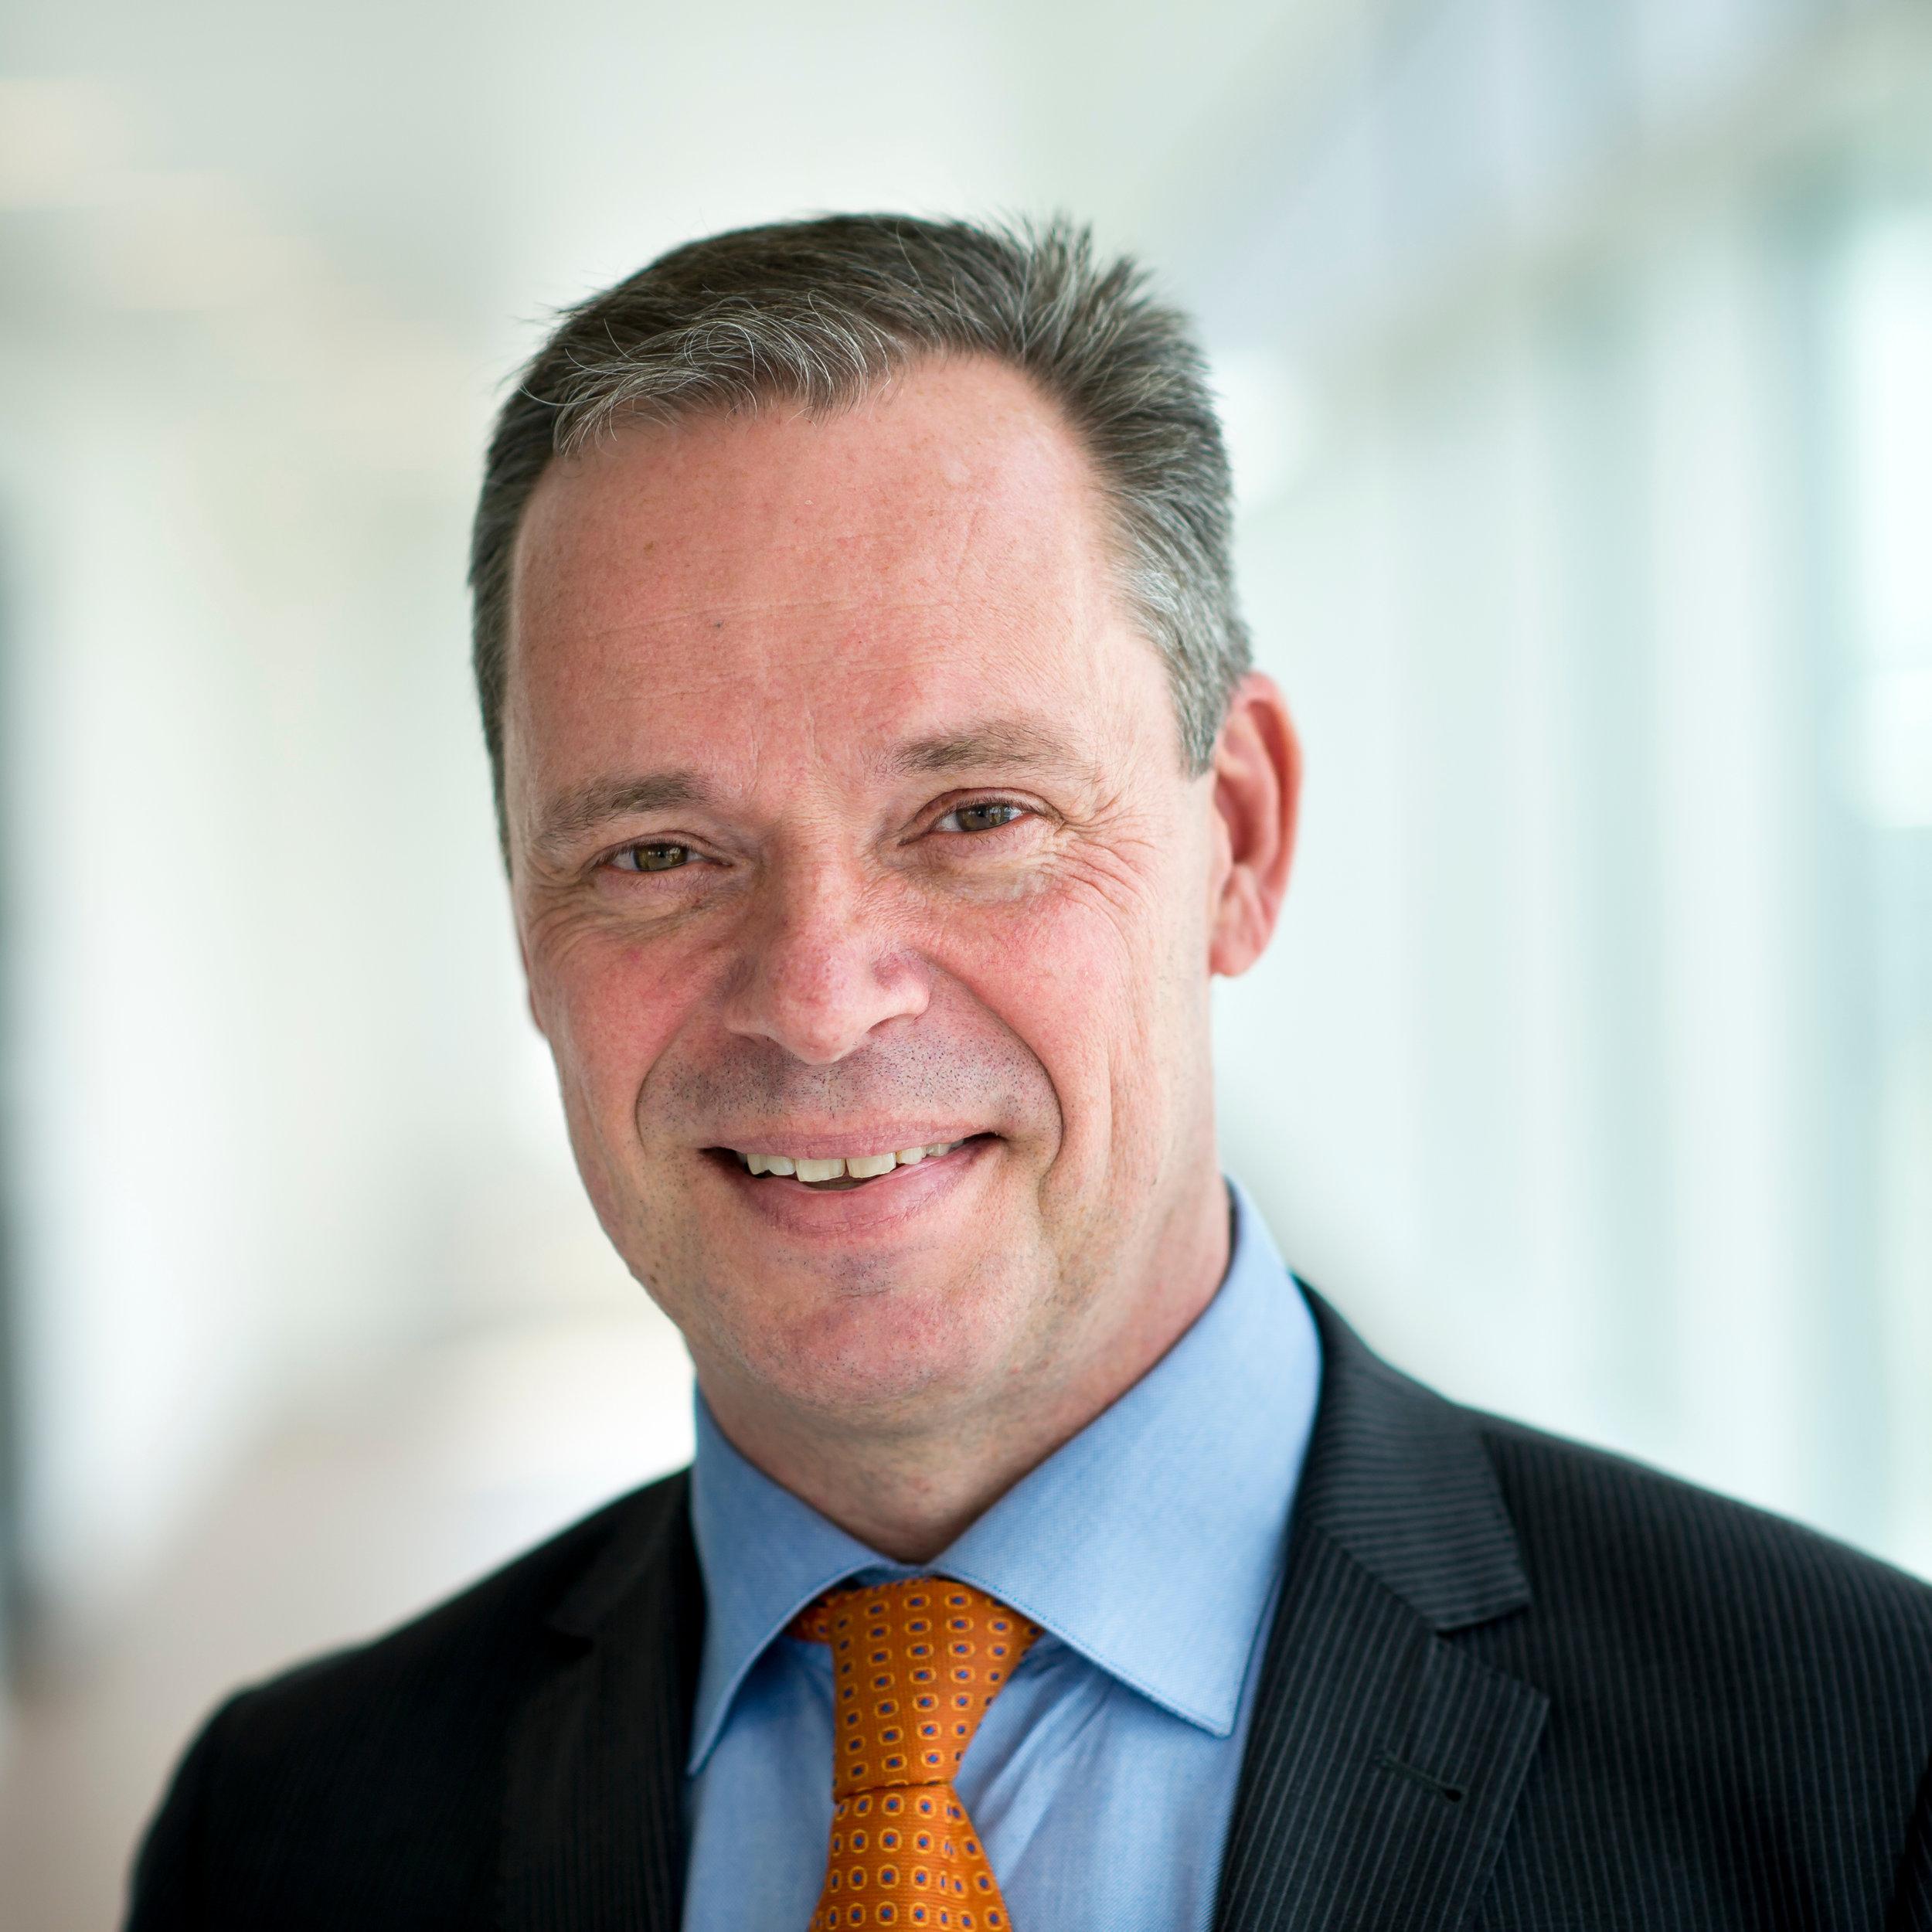 Harry Verhaar   Head of Global Public & Government Affairs, Philips Lighting